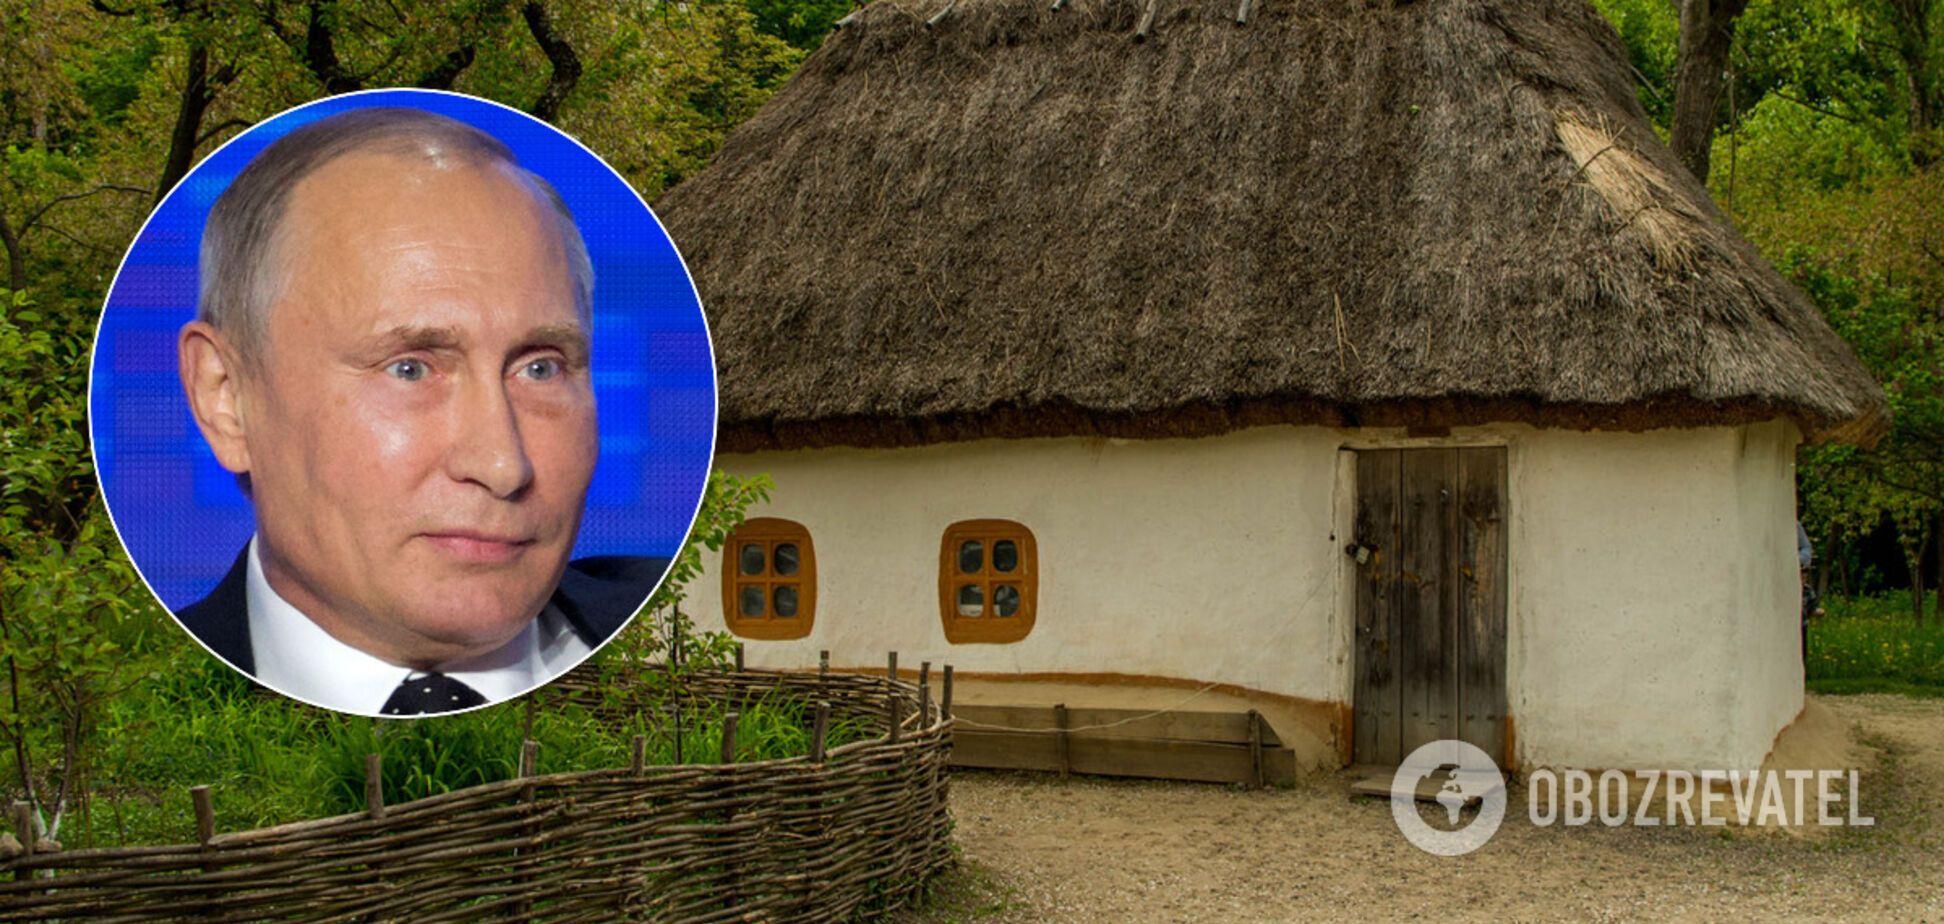 Андрухович назвав Путіна 'небезпечним невігласом' за слова про українців